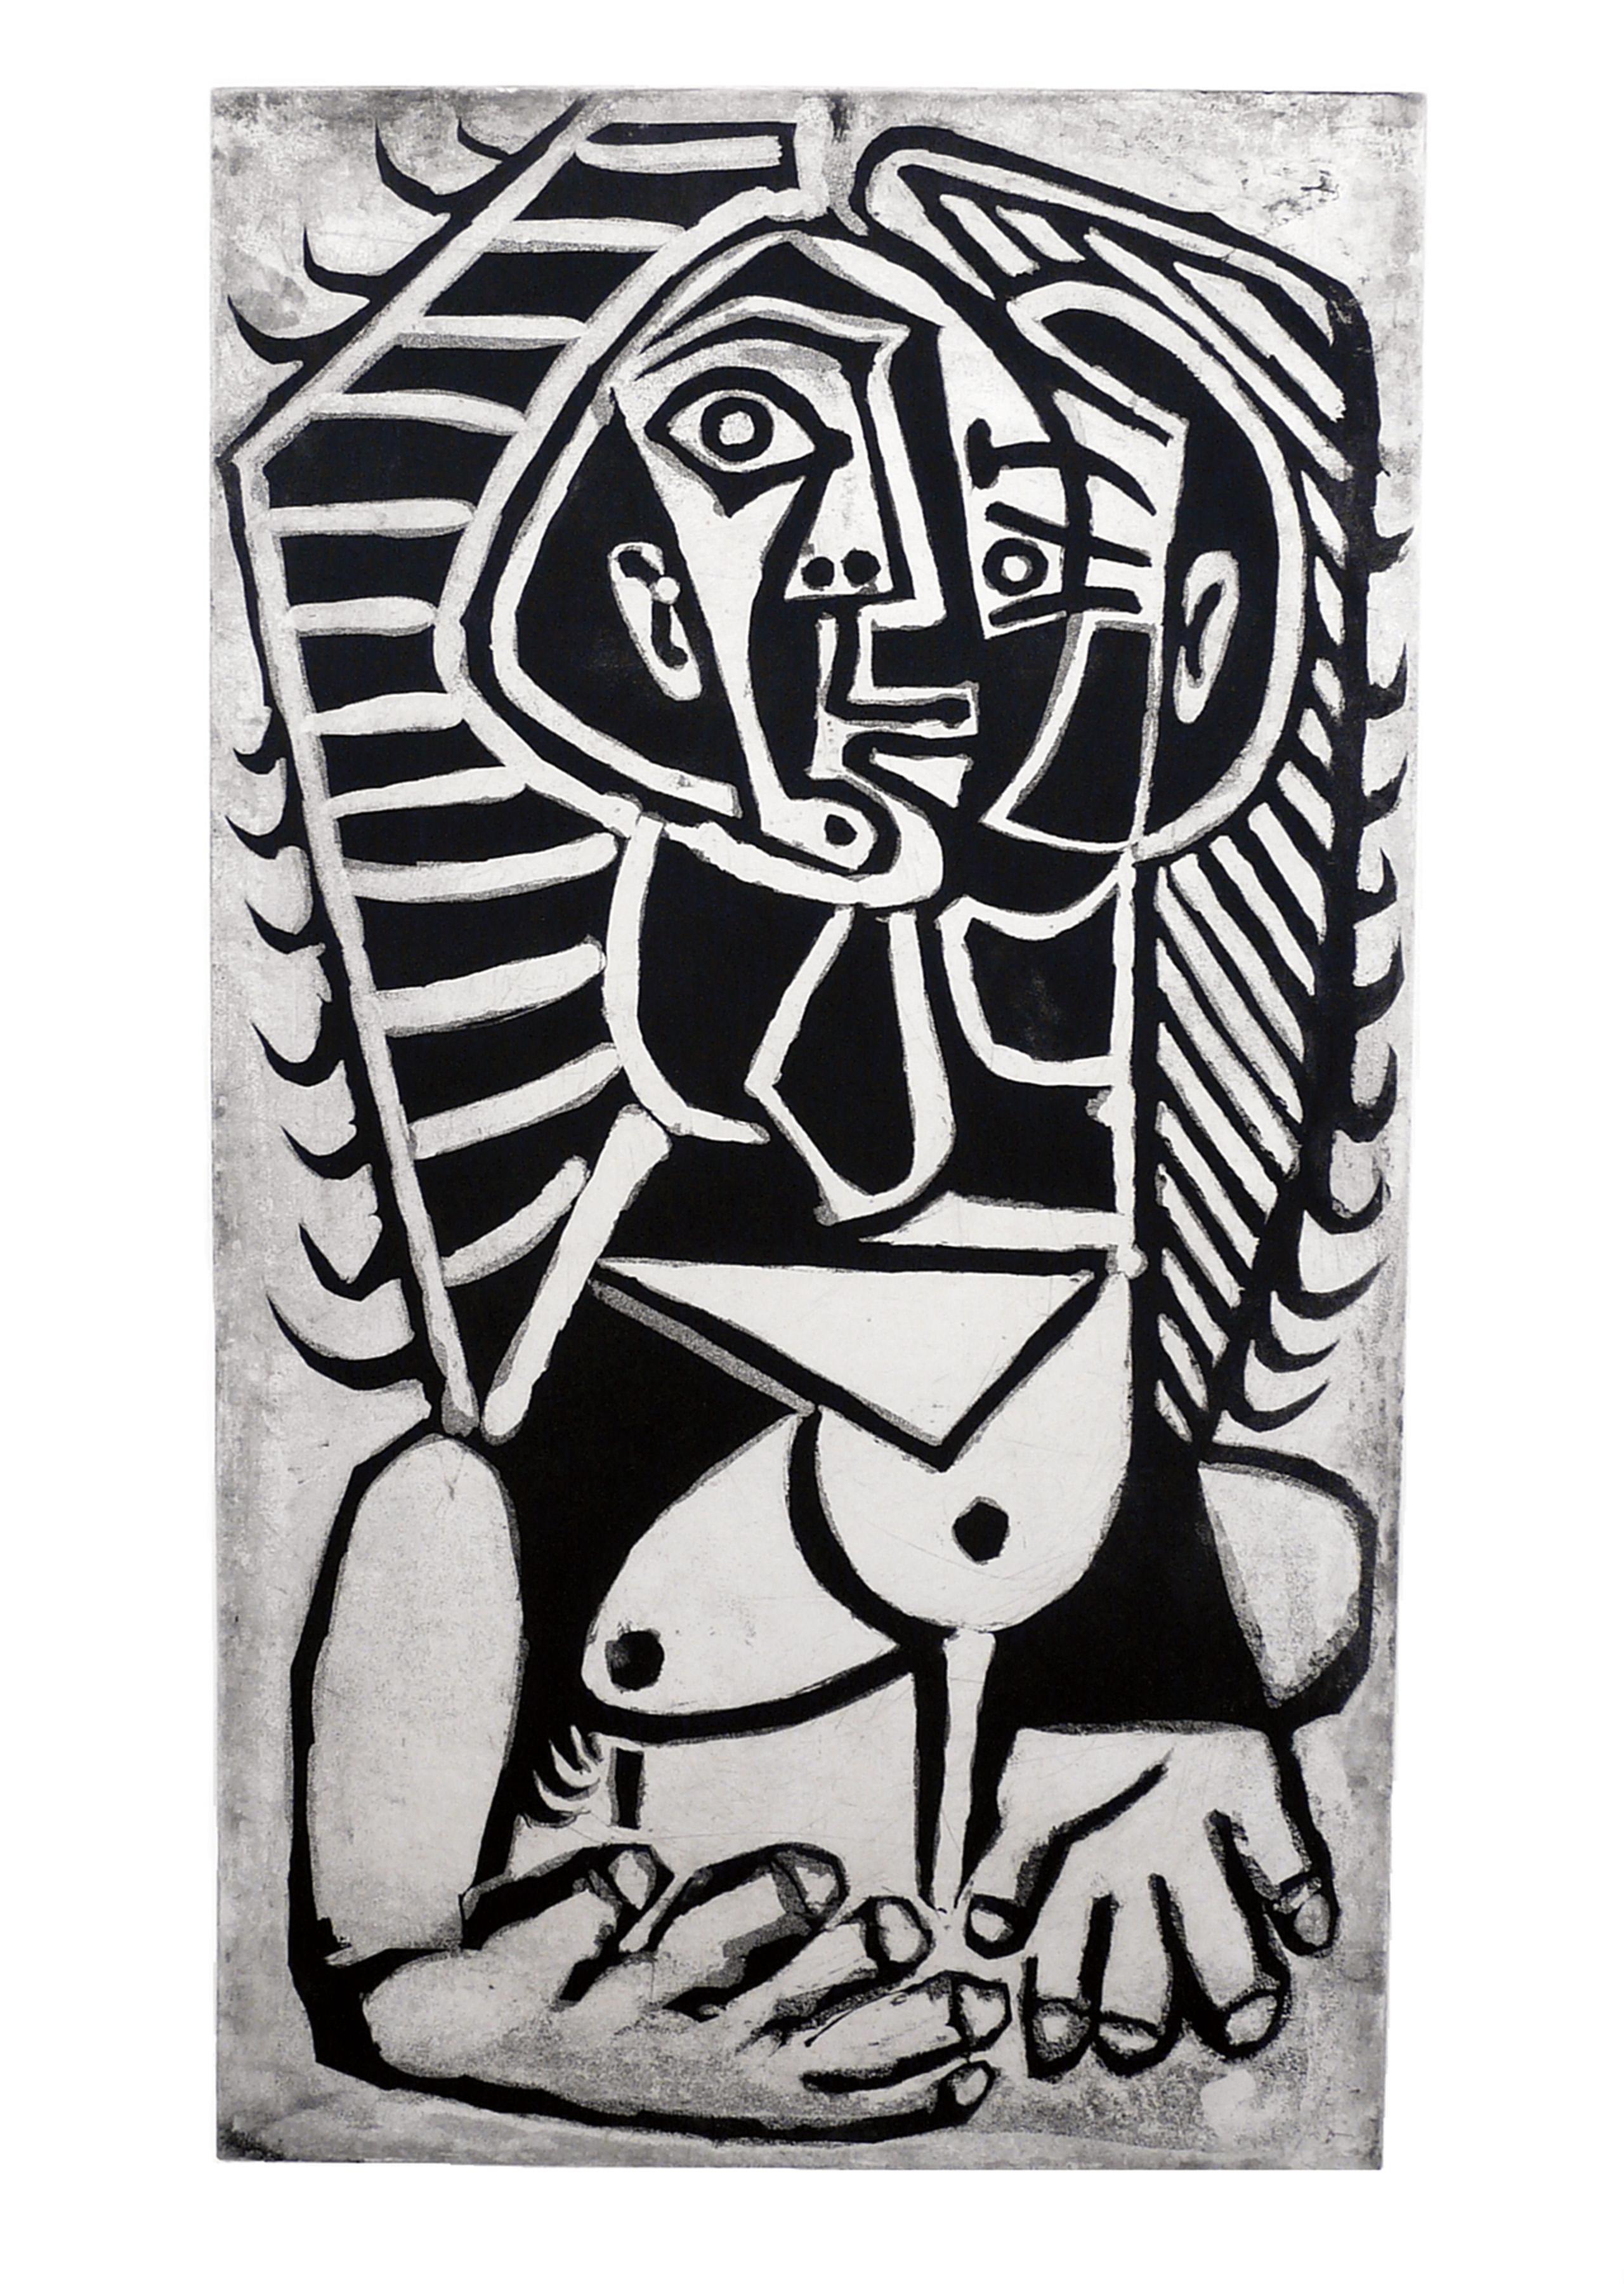 Pablo Picasso: L'Égyptienne Bloch746